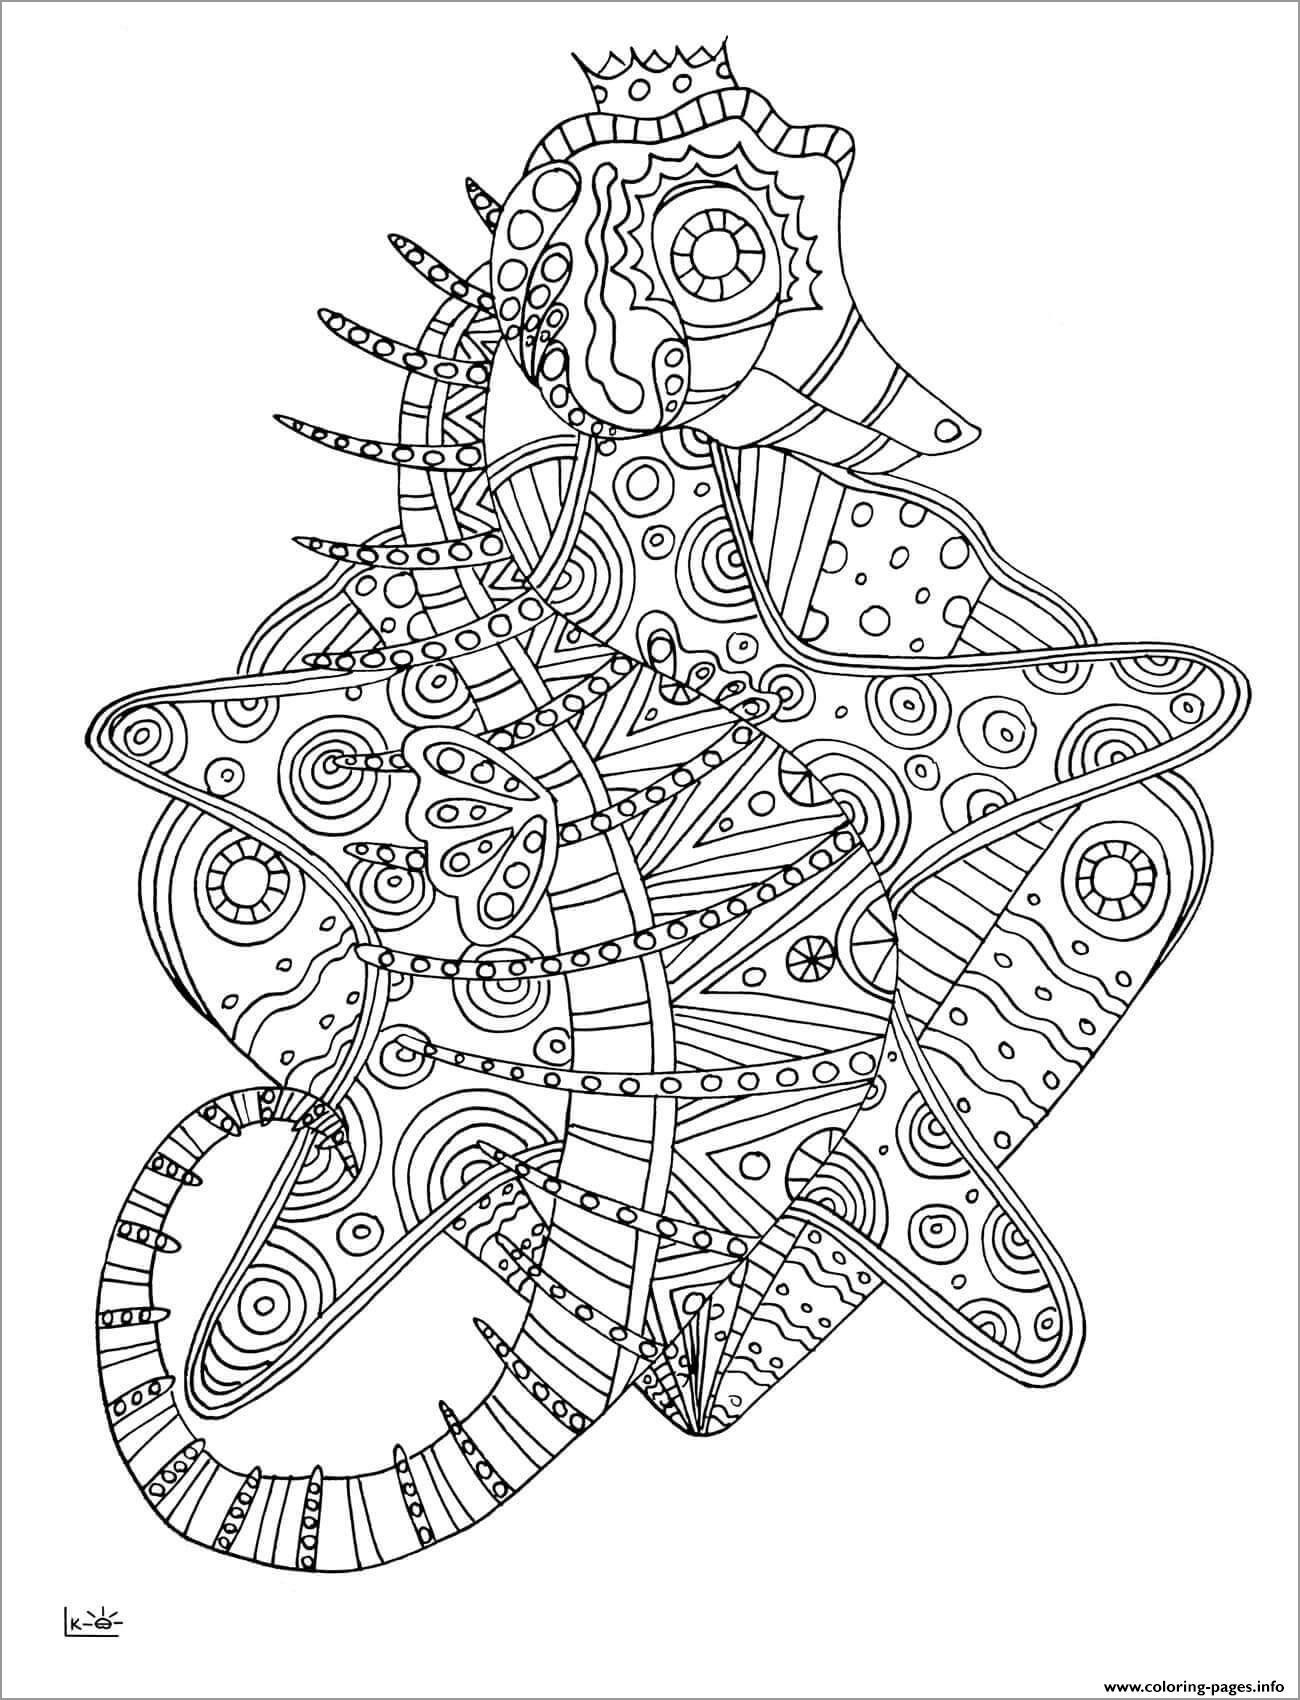 Seahorse Mandala Coloring Page